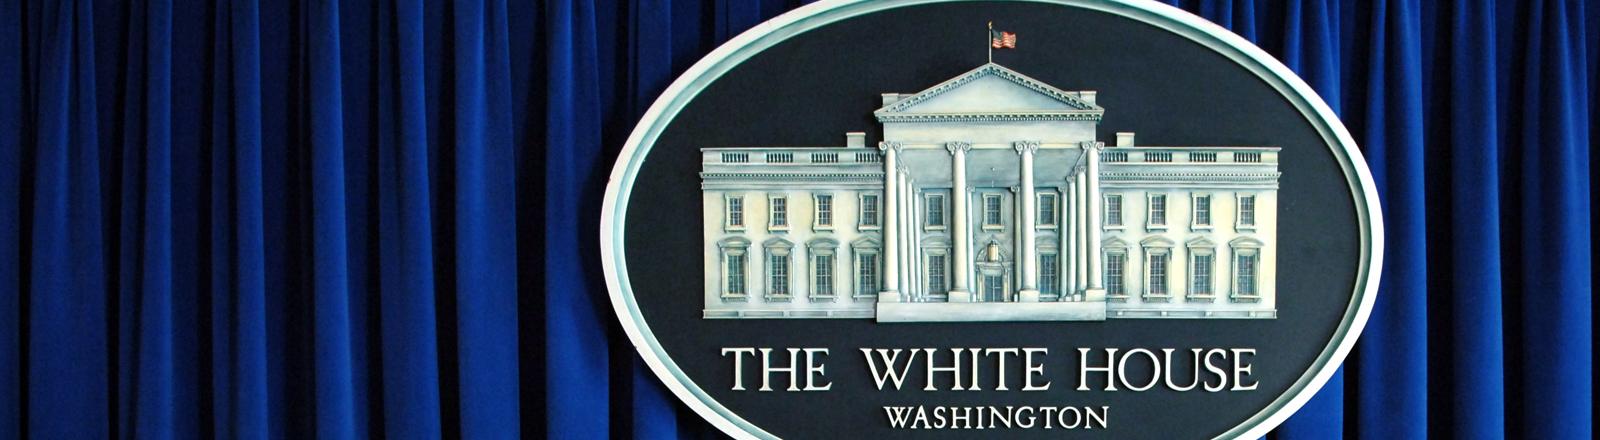 Presseraum des Weißen Hauses mit Logo